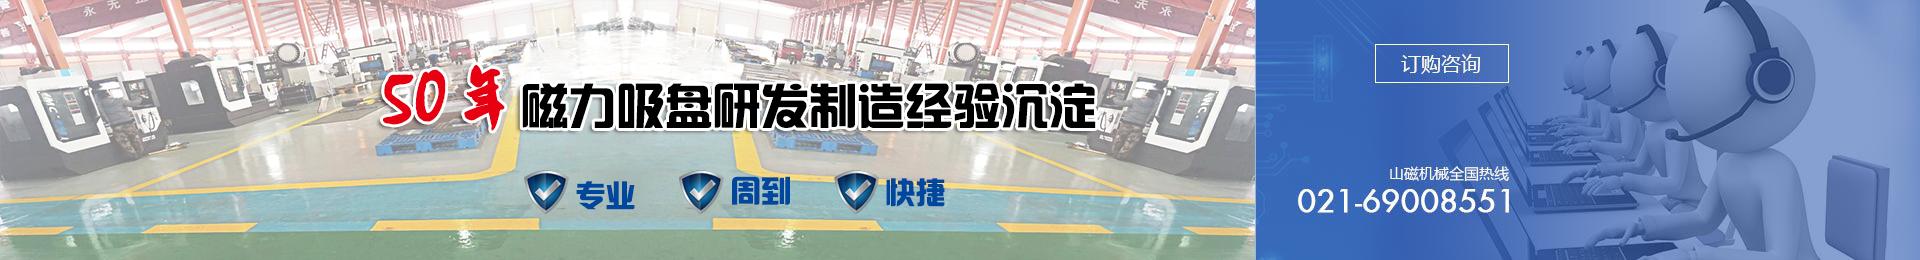 拥有磁力技术专业研发团队,行业排名靠前。山磁机械全国热线:021-69008551